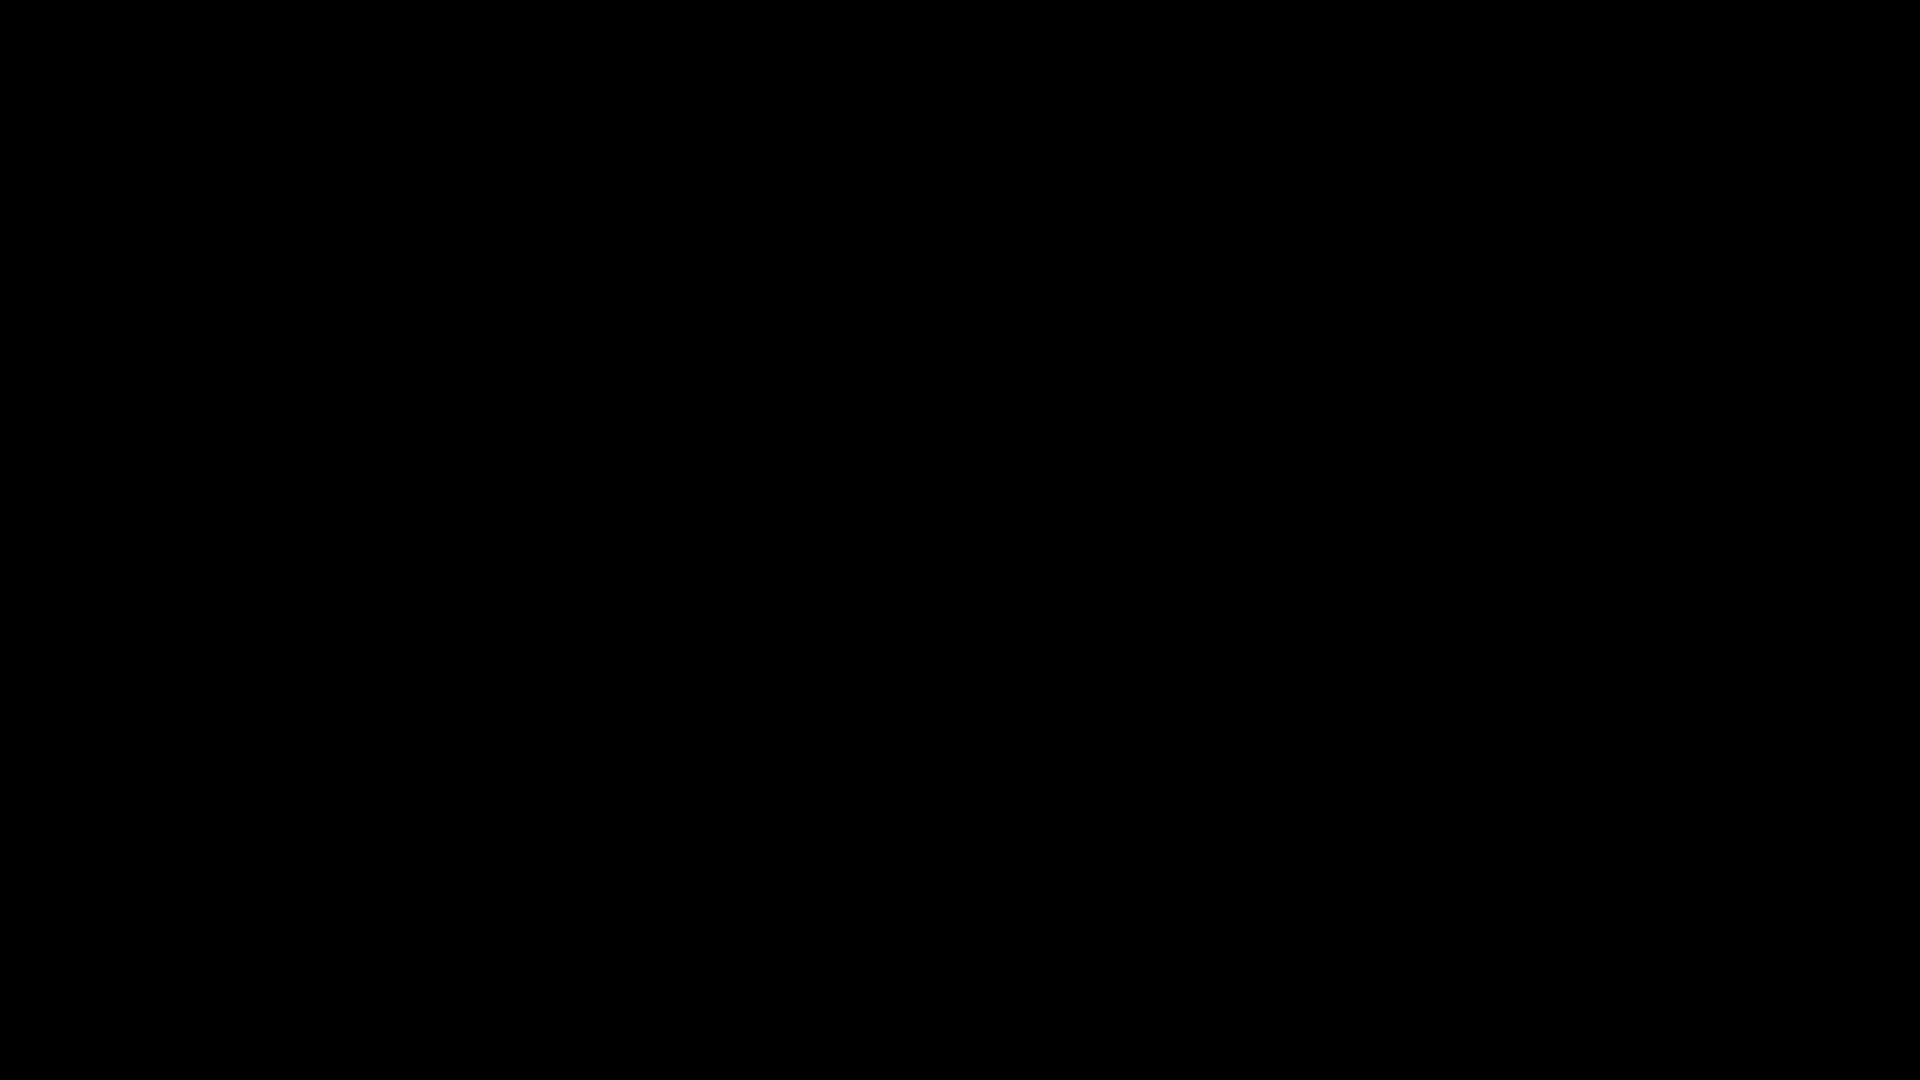 黒一色 19 X 1080 の壁紙 壁紙キングダム Pc デスクトップ版